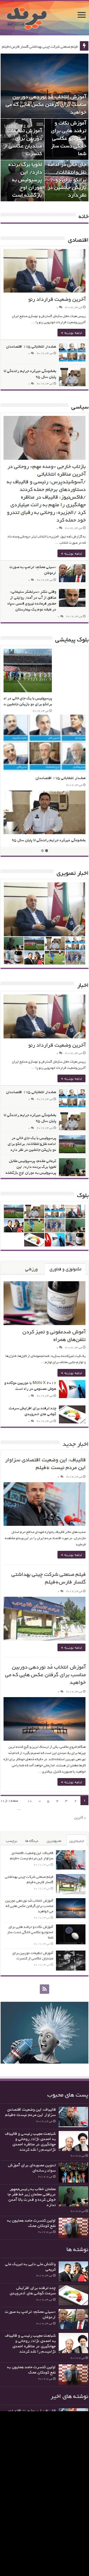 وب سایت خبری  پرند Htjhf